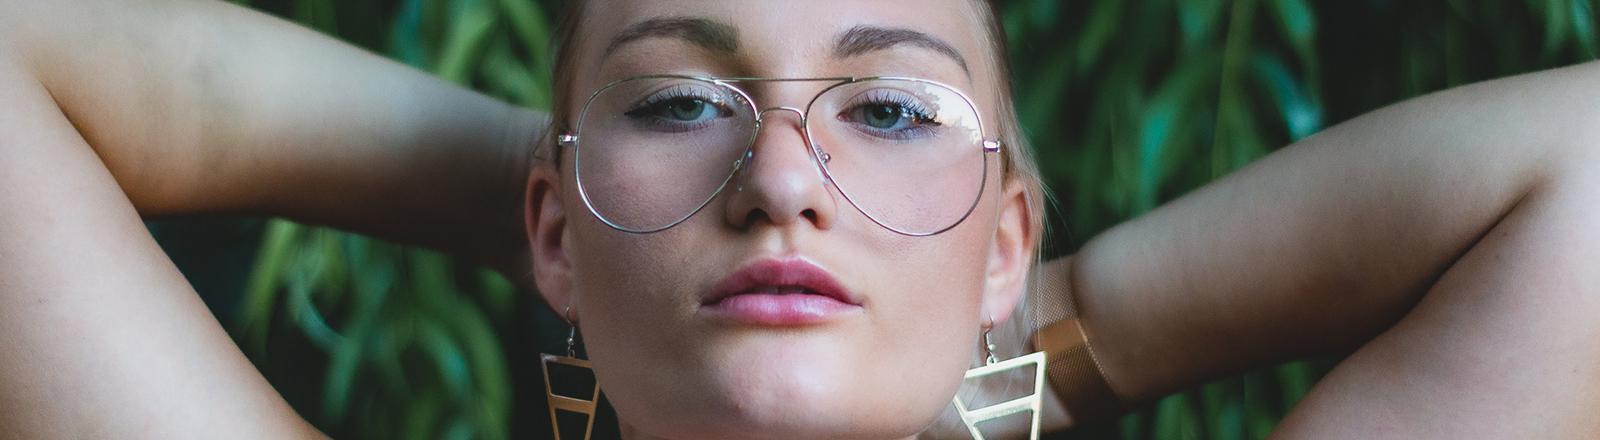 Eine Frau mit einer Brille hat die Arme hinterm Kopf verschränkt und schaut direkt in die Kamera.